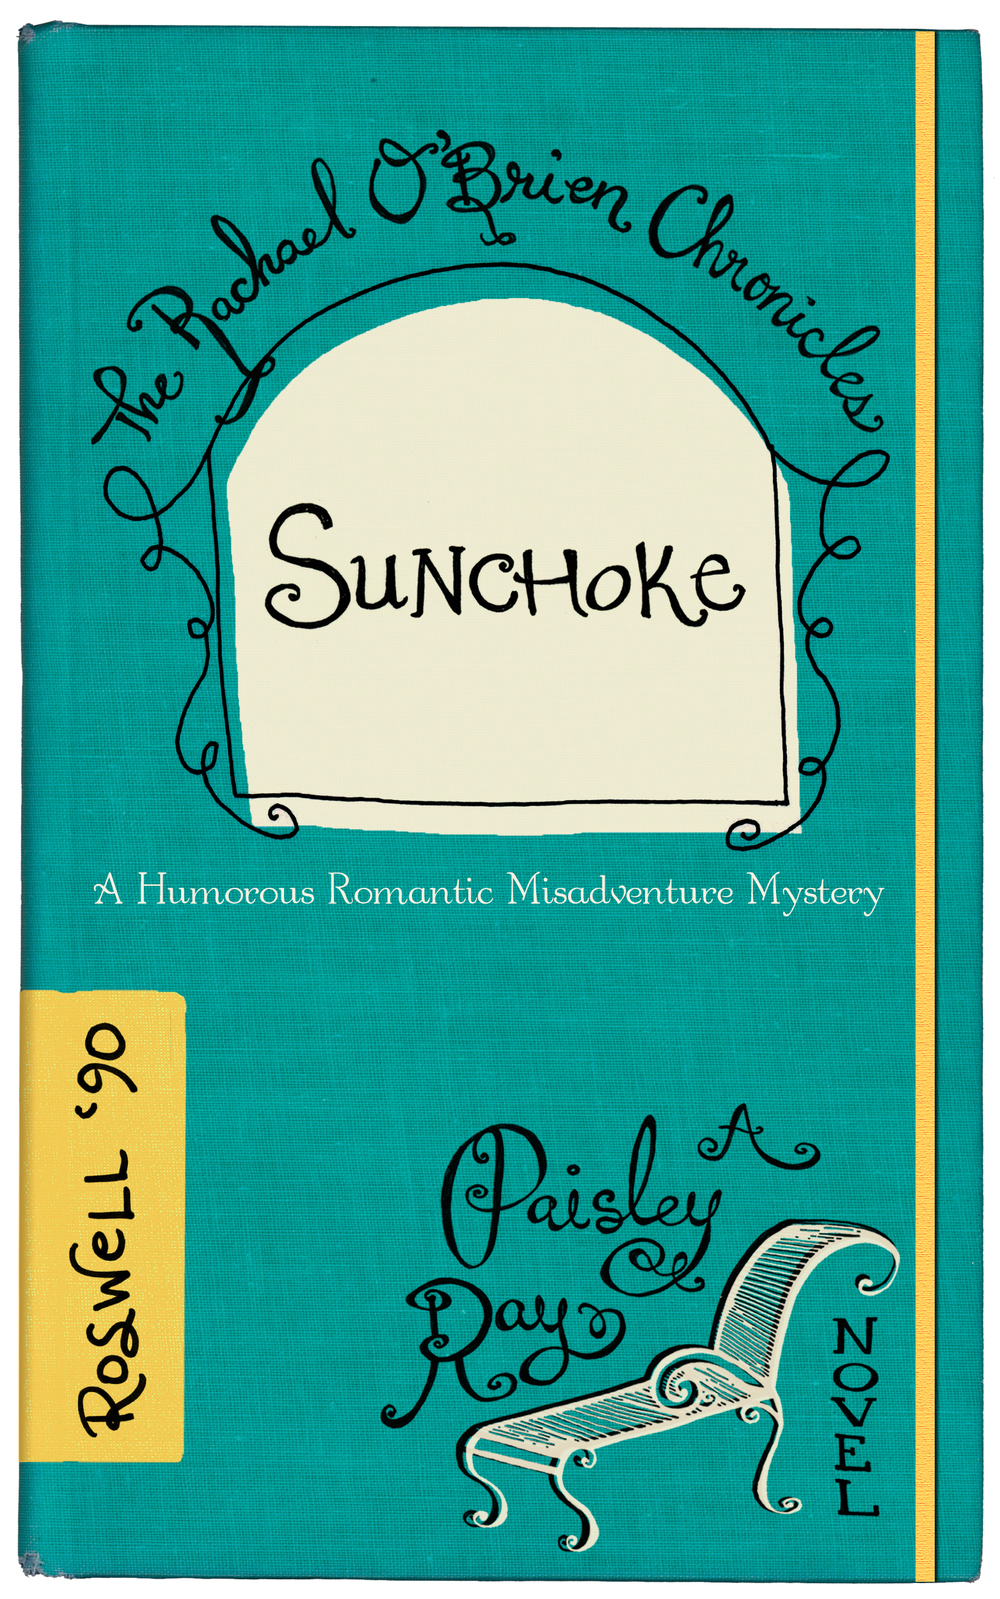 Sunchoke mystery book